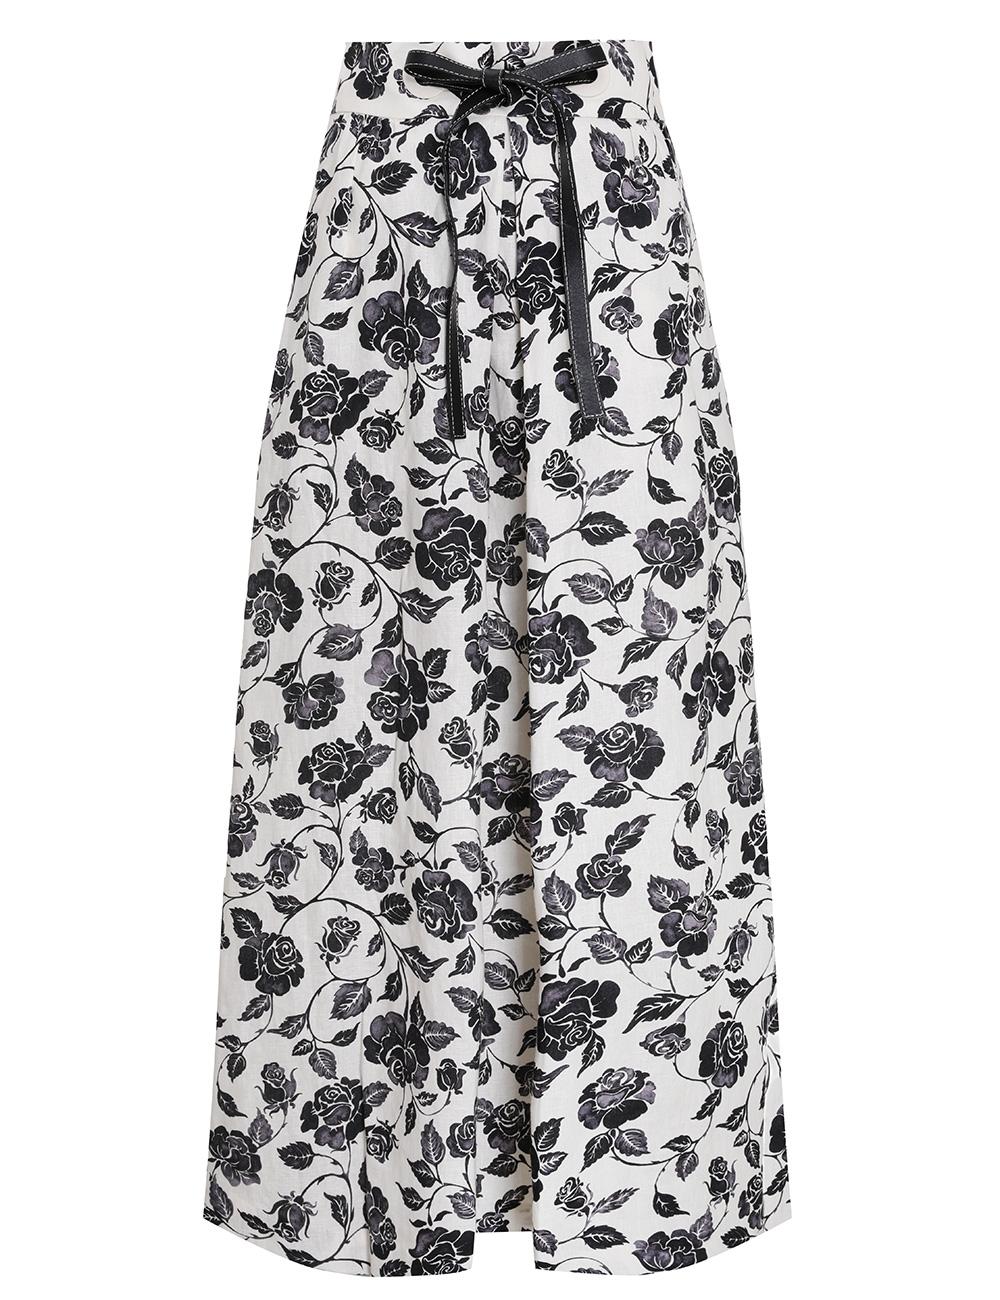 The Lovestruck Eyelet Skirt